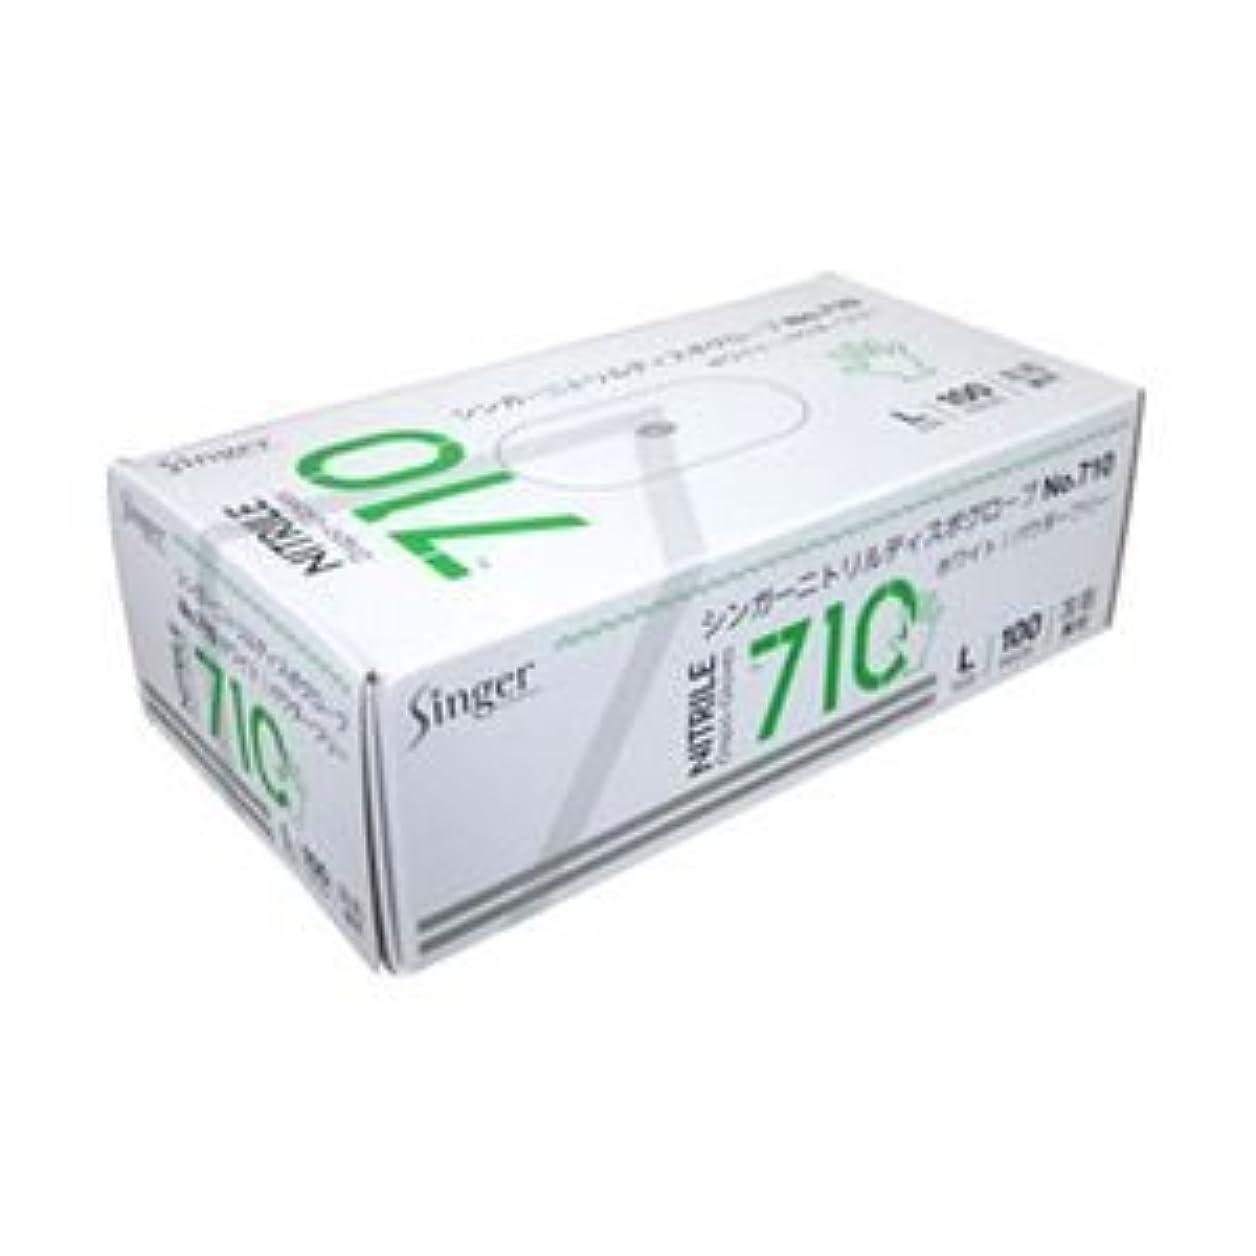 ヘクタール罹患率めまいが(業務用セット) ニトリル手袋 粉なし ホワイト L 1箱(100枚) 【×5セット】 ds-1642153